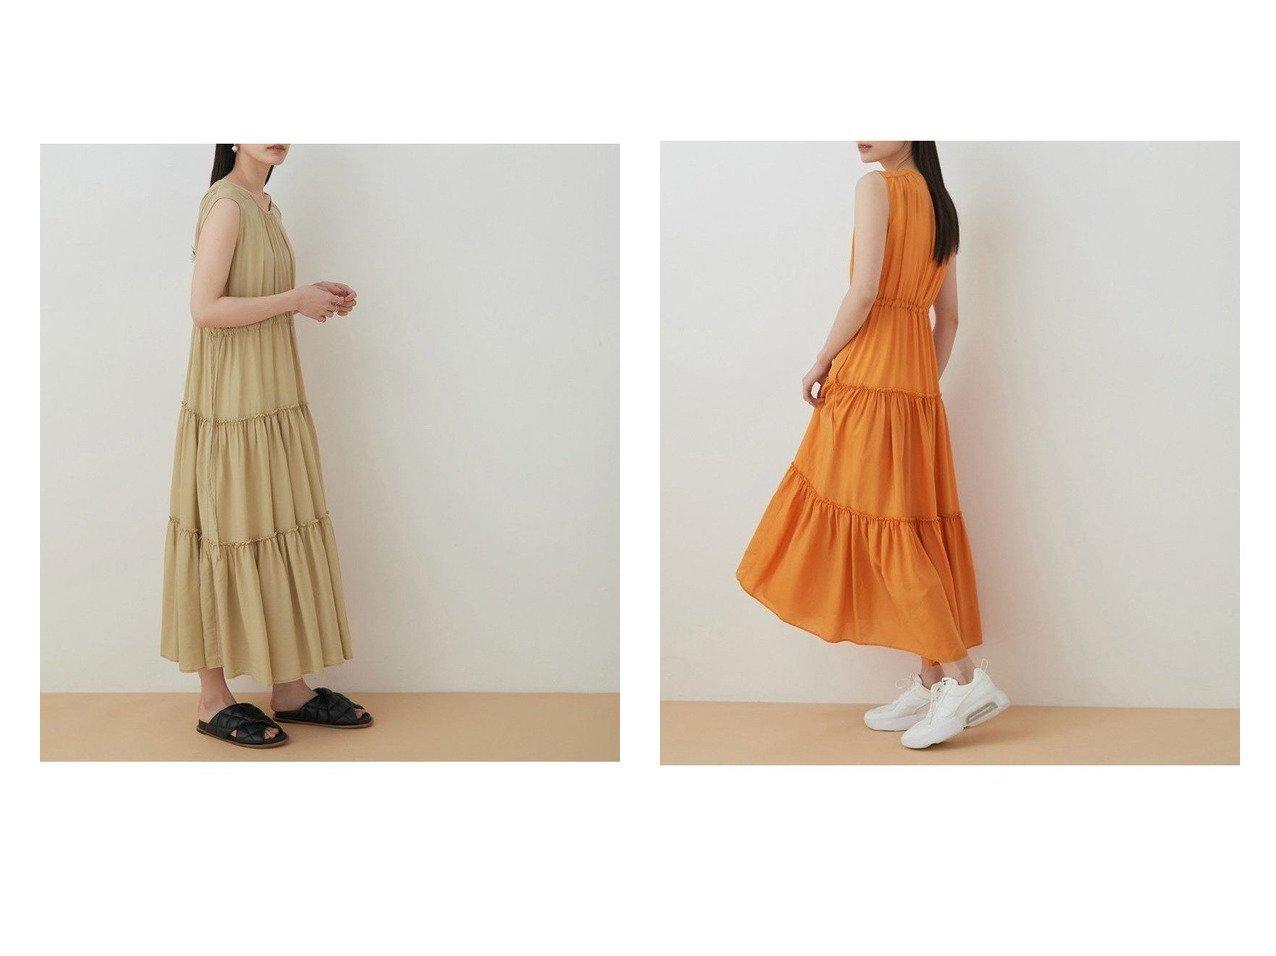 【ADAM ET ROPE'/アダム エ ロペ】のティアードドロストワンピース 【ワンピース・ドレス】おすすめ!人気、トレンド・レディースファッションの通販 おすすめで人気の流行・トレンド、ファッションの通販商品 インテリア・家具・メンズファッション・キッズファッション・レディースファッション・服の通販 founy(ファニー) https://founy.com/ ファッション Fashion レディースファッション WOMEN ワンピース Dress イエロー オレンジ 春 Spring カーディガン 切替 サンダル シアー ティアード ティアードワンピース フィット フレア ロング 2021年 2021 S/S・春夏 SS・Spring/Summer 2021春夏・S/S SS/Spring/Summer/2021 おすすめ Recommend 夏 Summer |ID:crp329100000048704